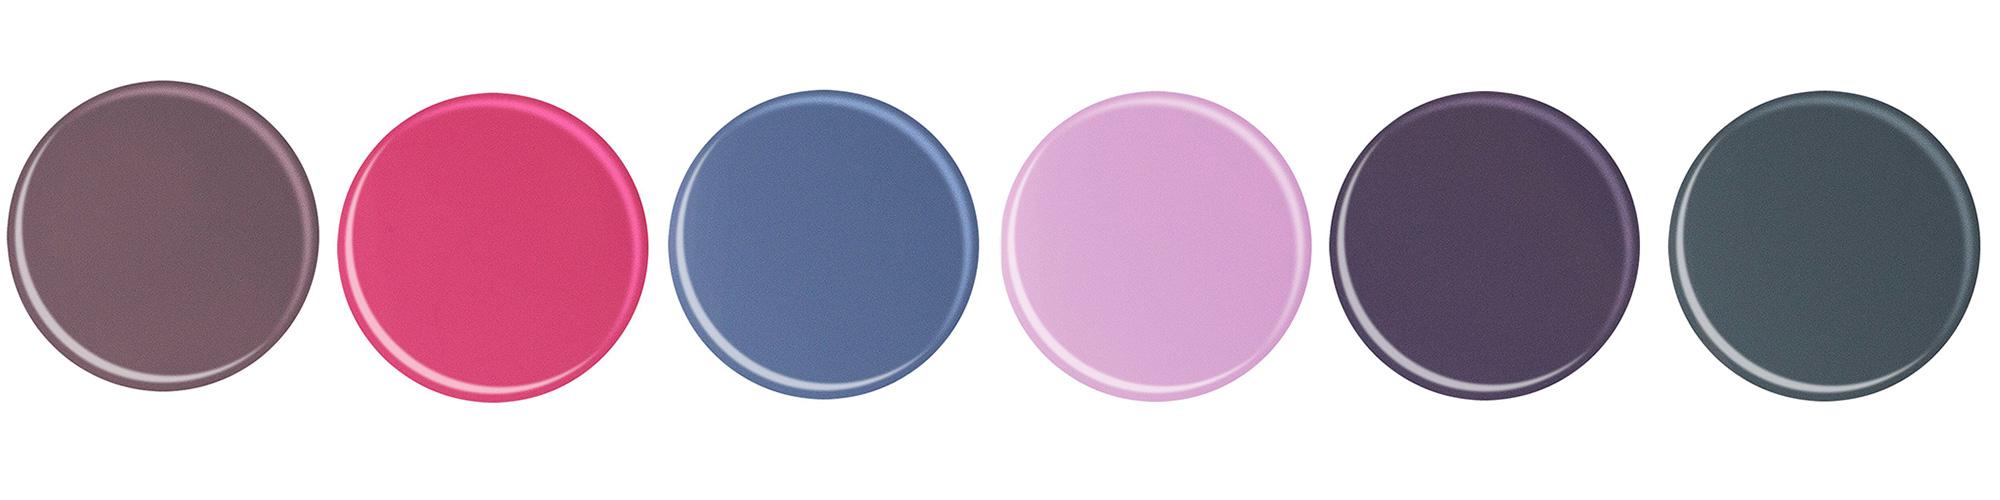 kolorowe próbniki